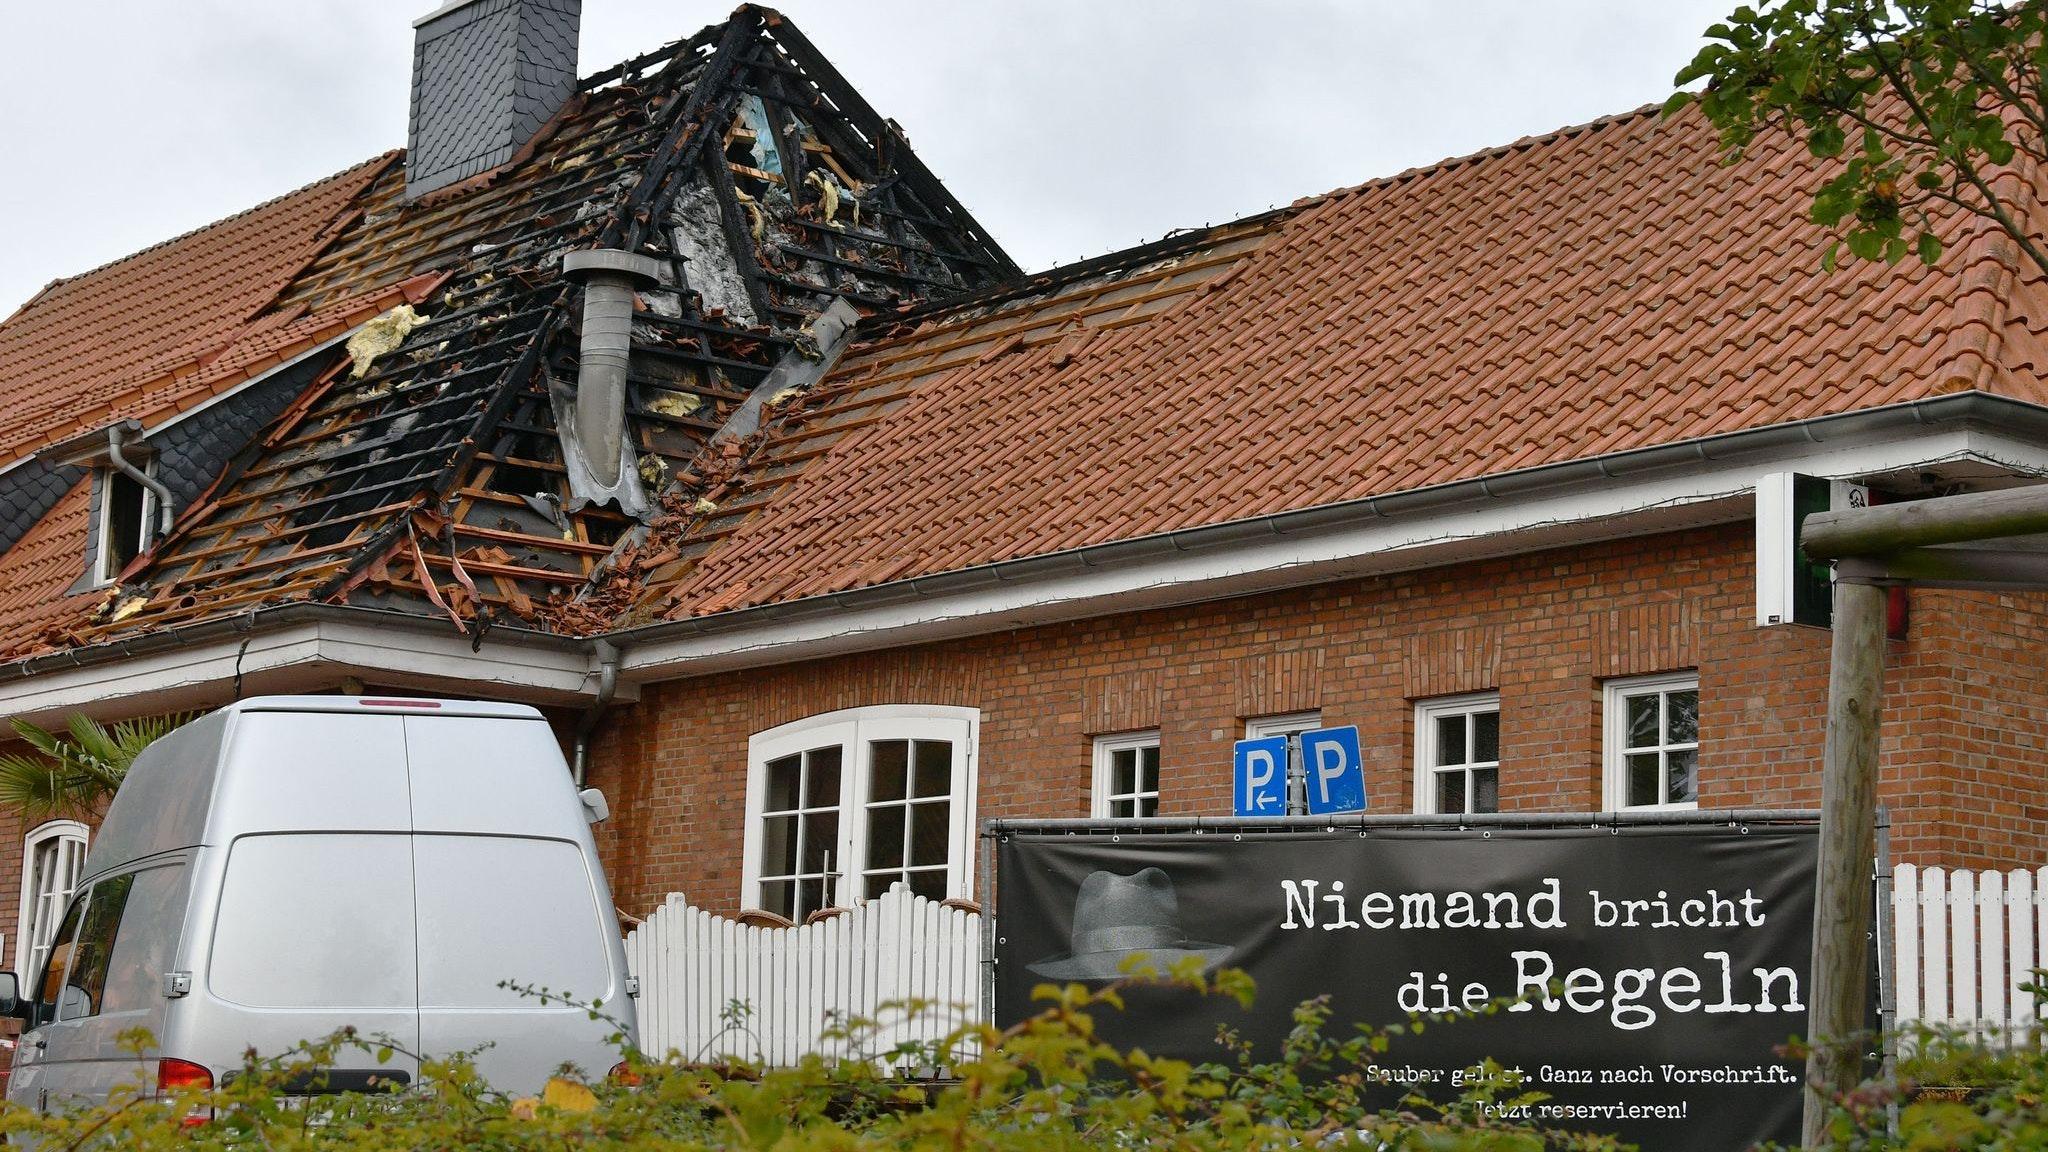 Anschlag in Ganderkesee: Die Polizei steht vor dem Restaurant, das durch Brandstiftung zerstört worden ist. Foto: dpa/NWZ/Konkel